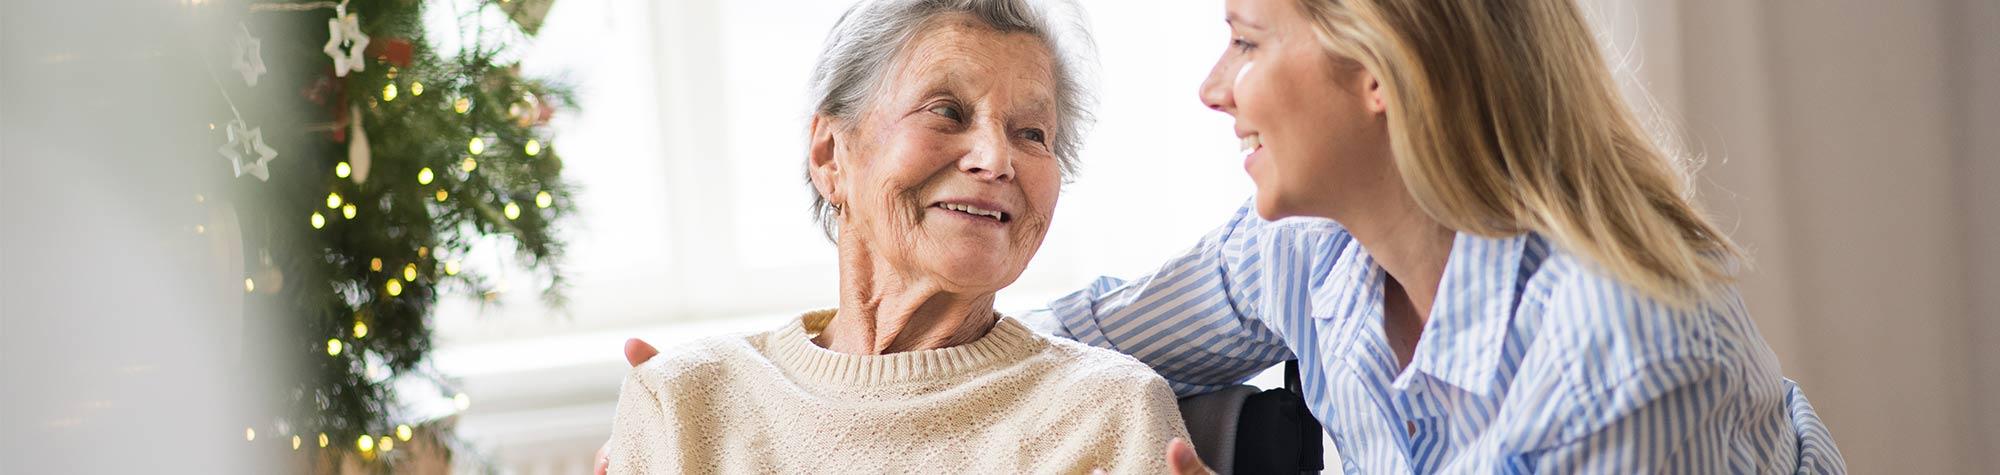 Weihnachtsgeschenke für Seniorinnen u. Senioren